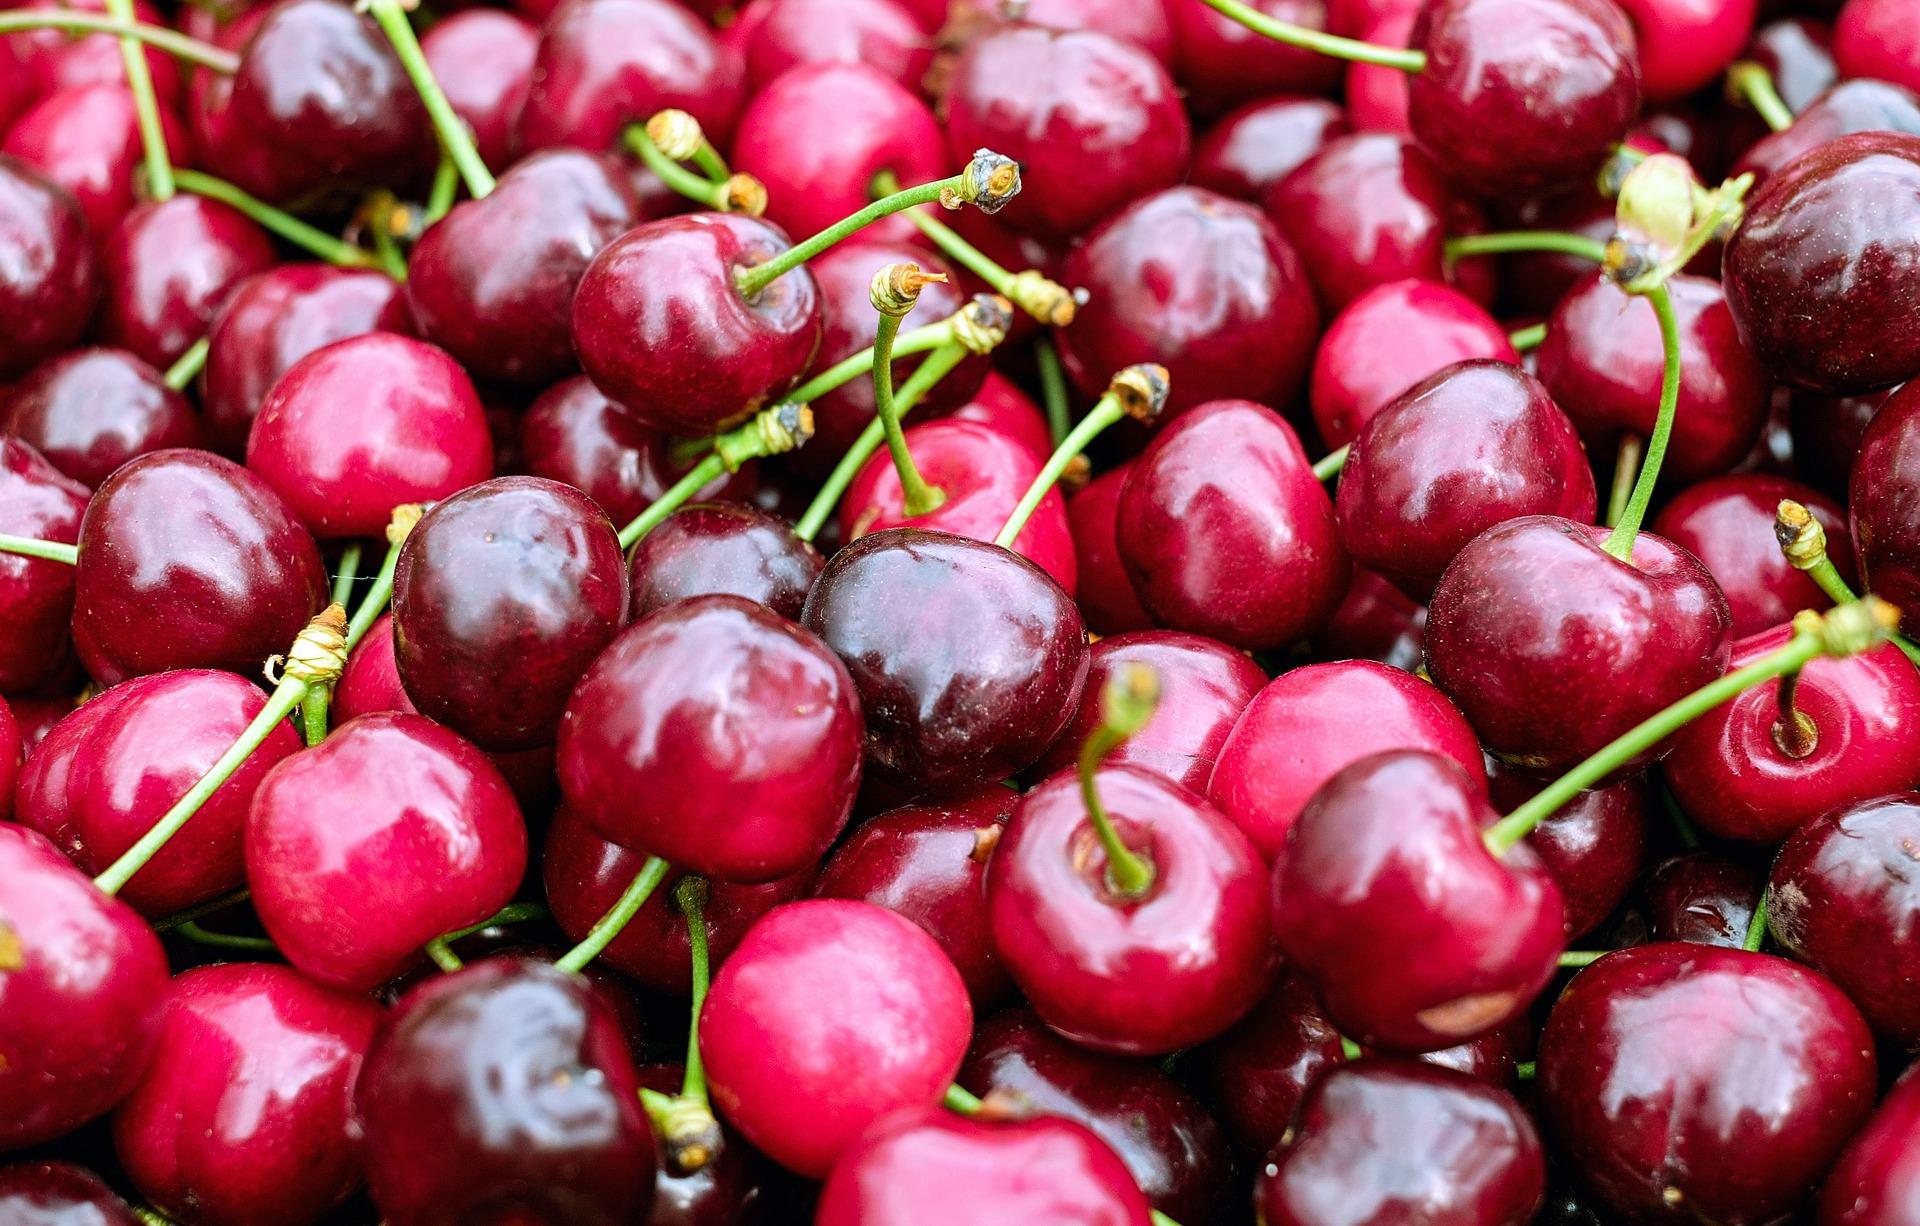 cara fruit